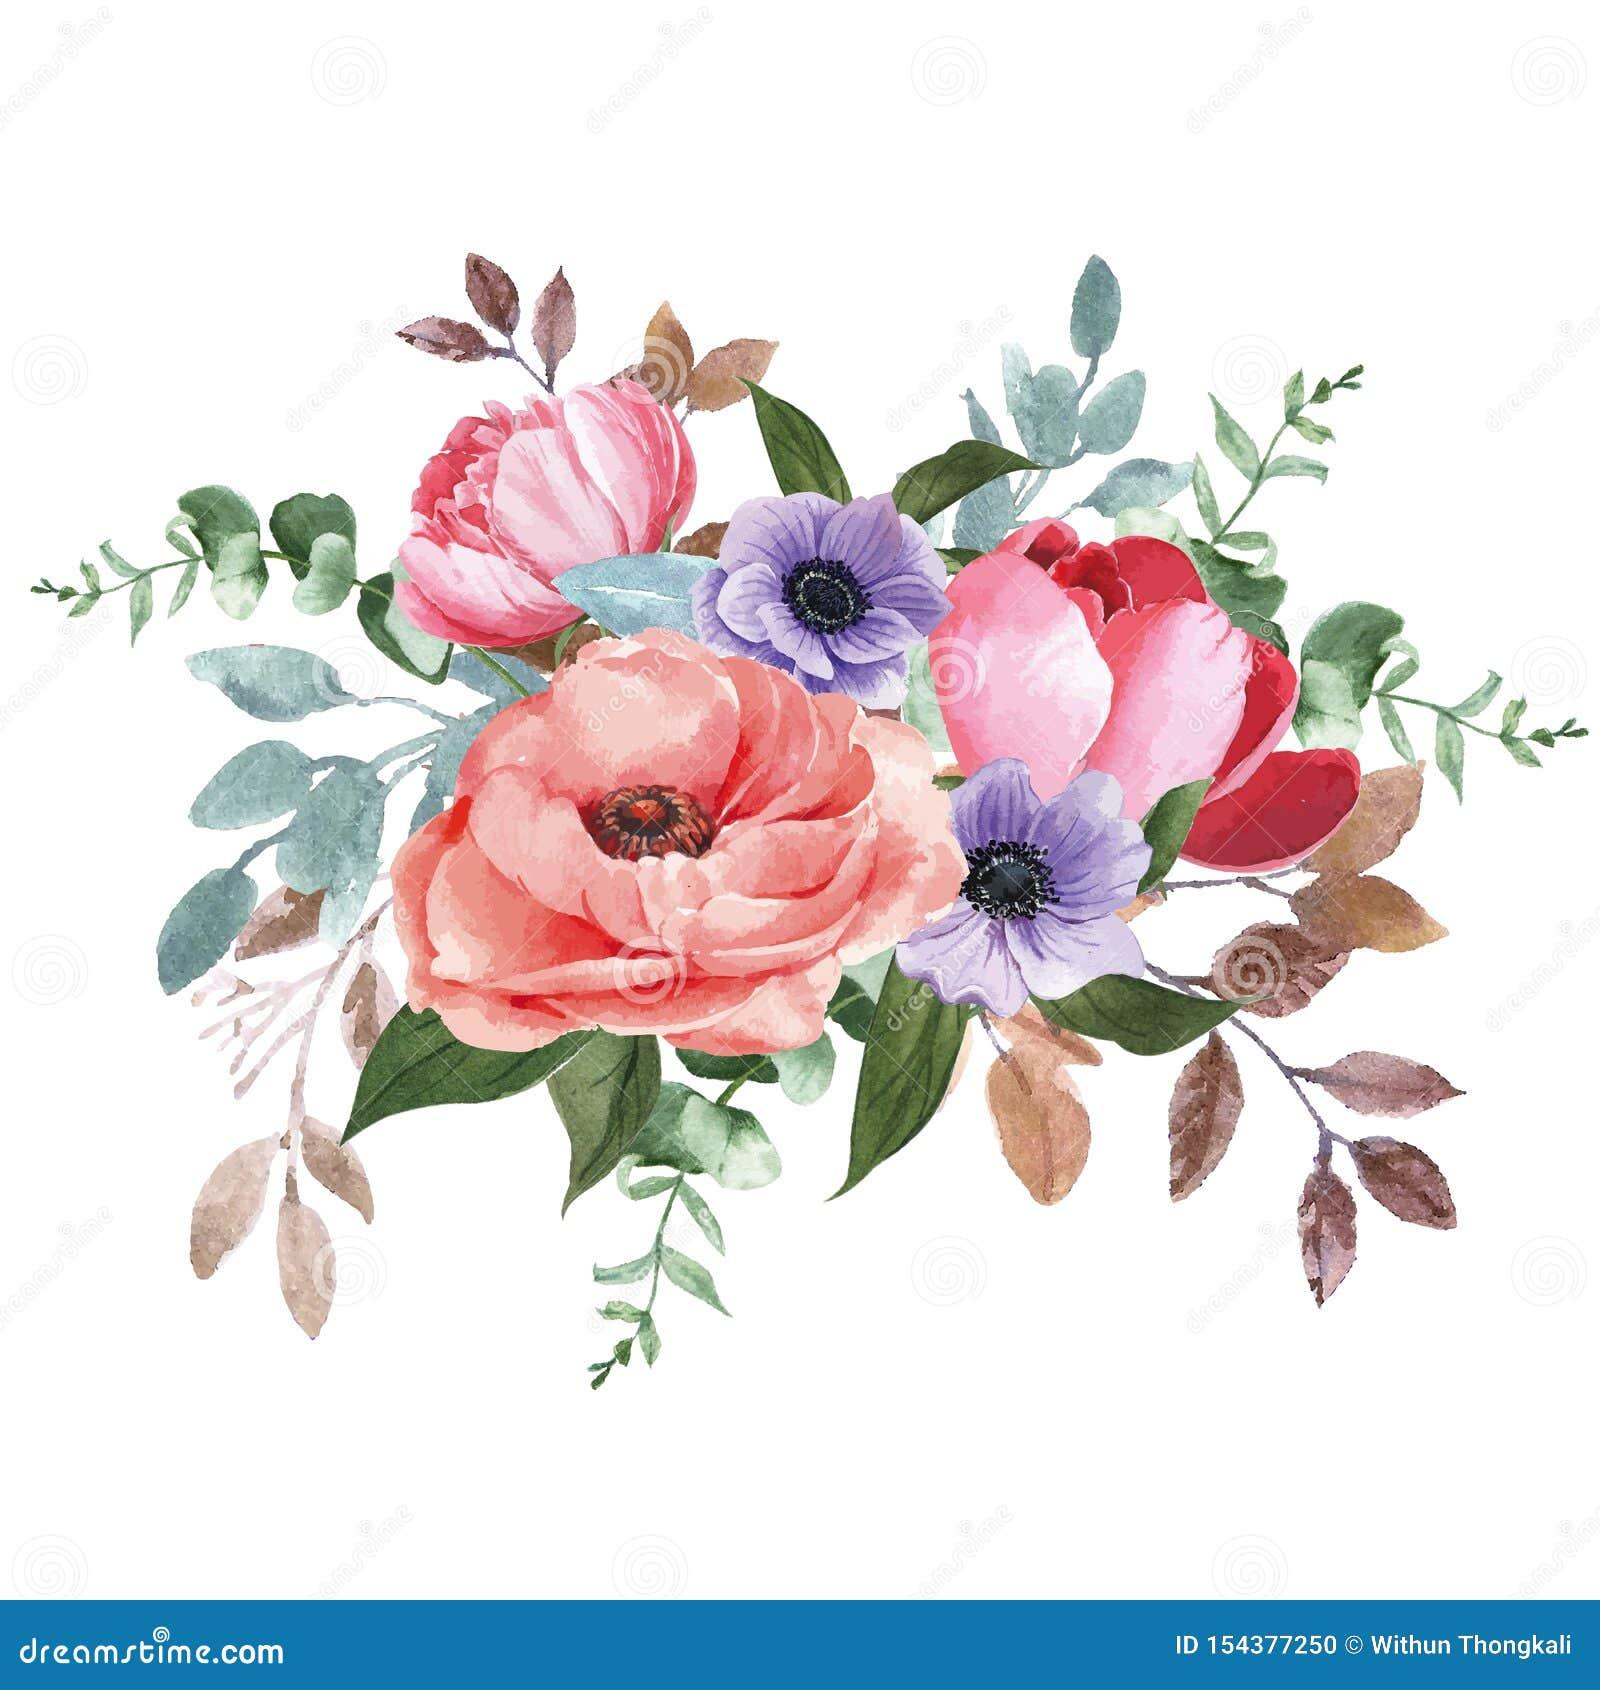 Botanische blühende Blumenaquarell-Blumenstraußeleganz, Druckvektor-Illustrationsentwurf